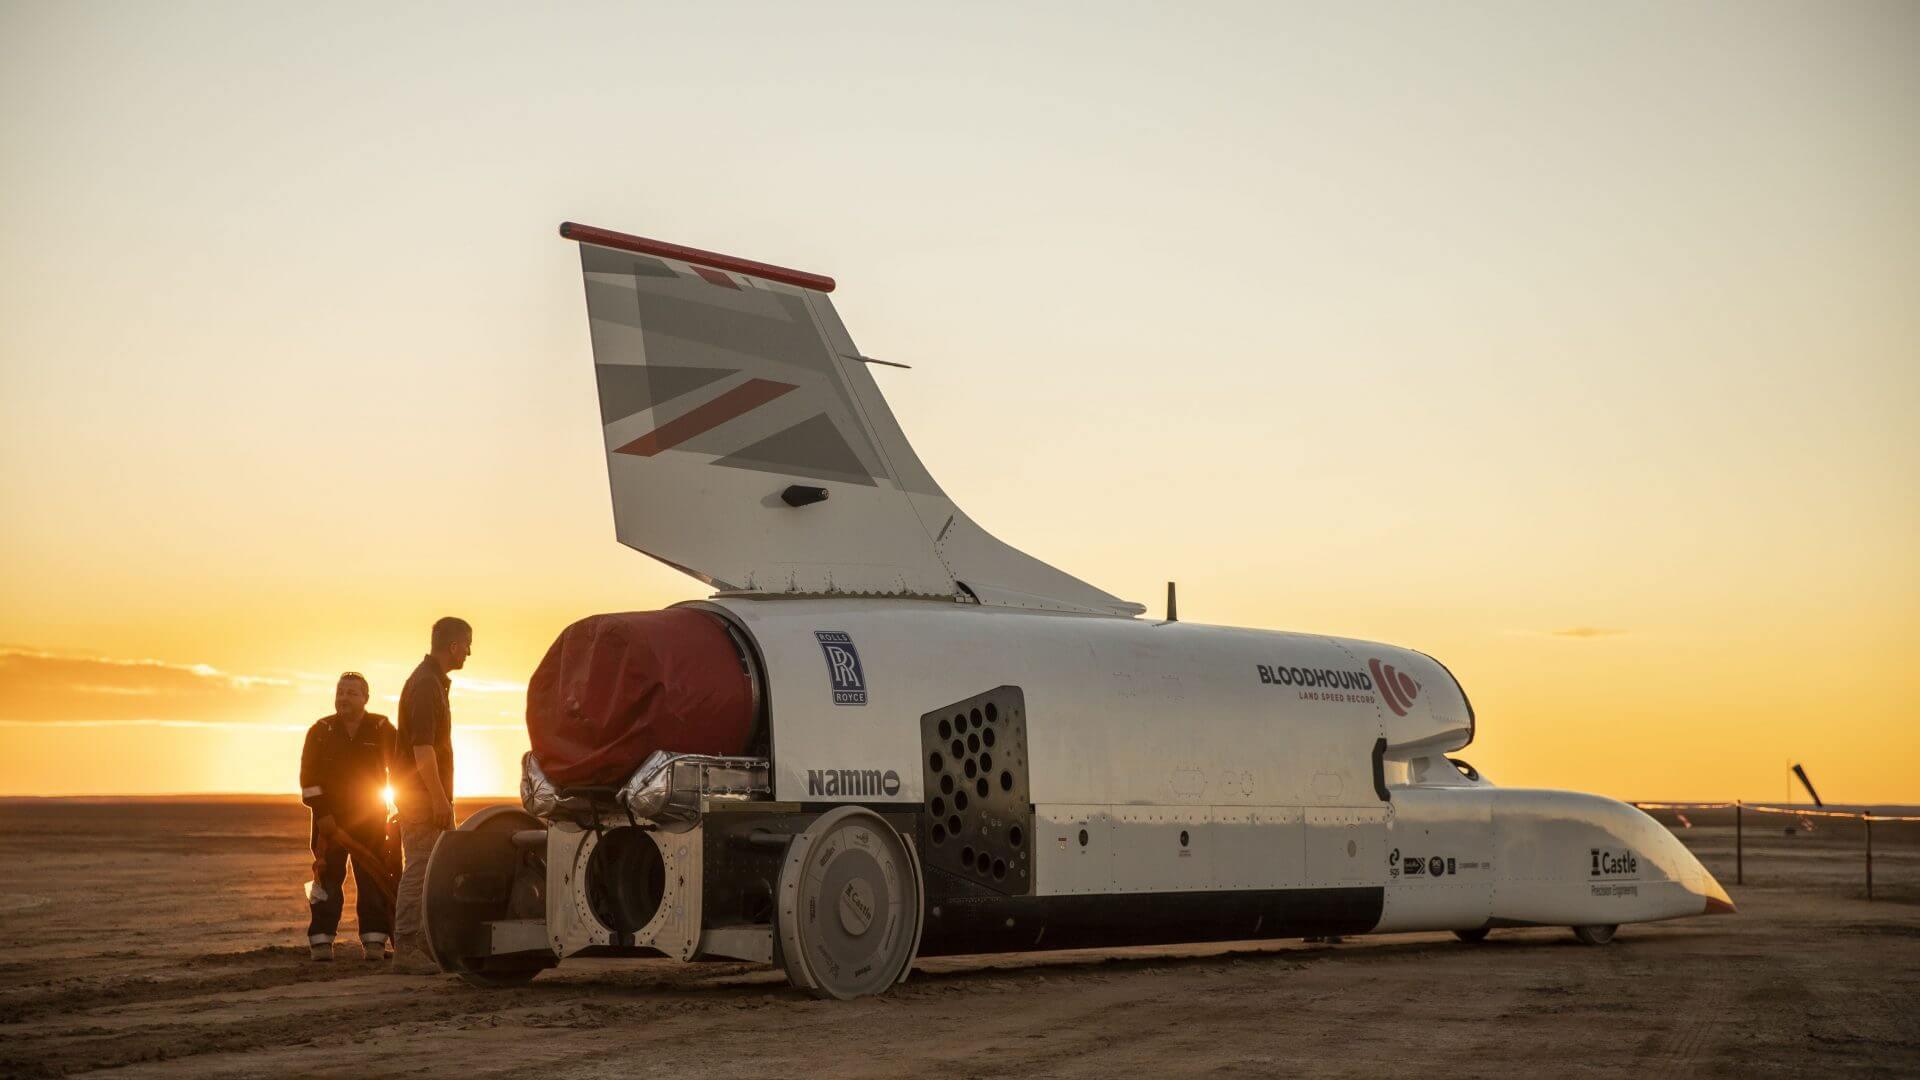 Deux fois plus rapide qu'un avion de ligne, cette voiture-fusée est à vendre